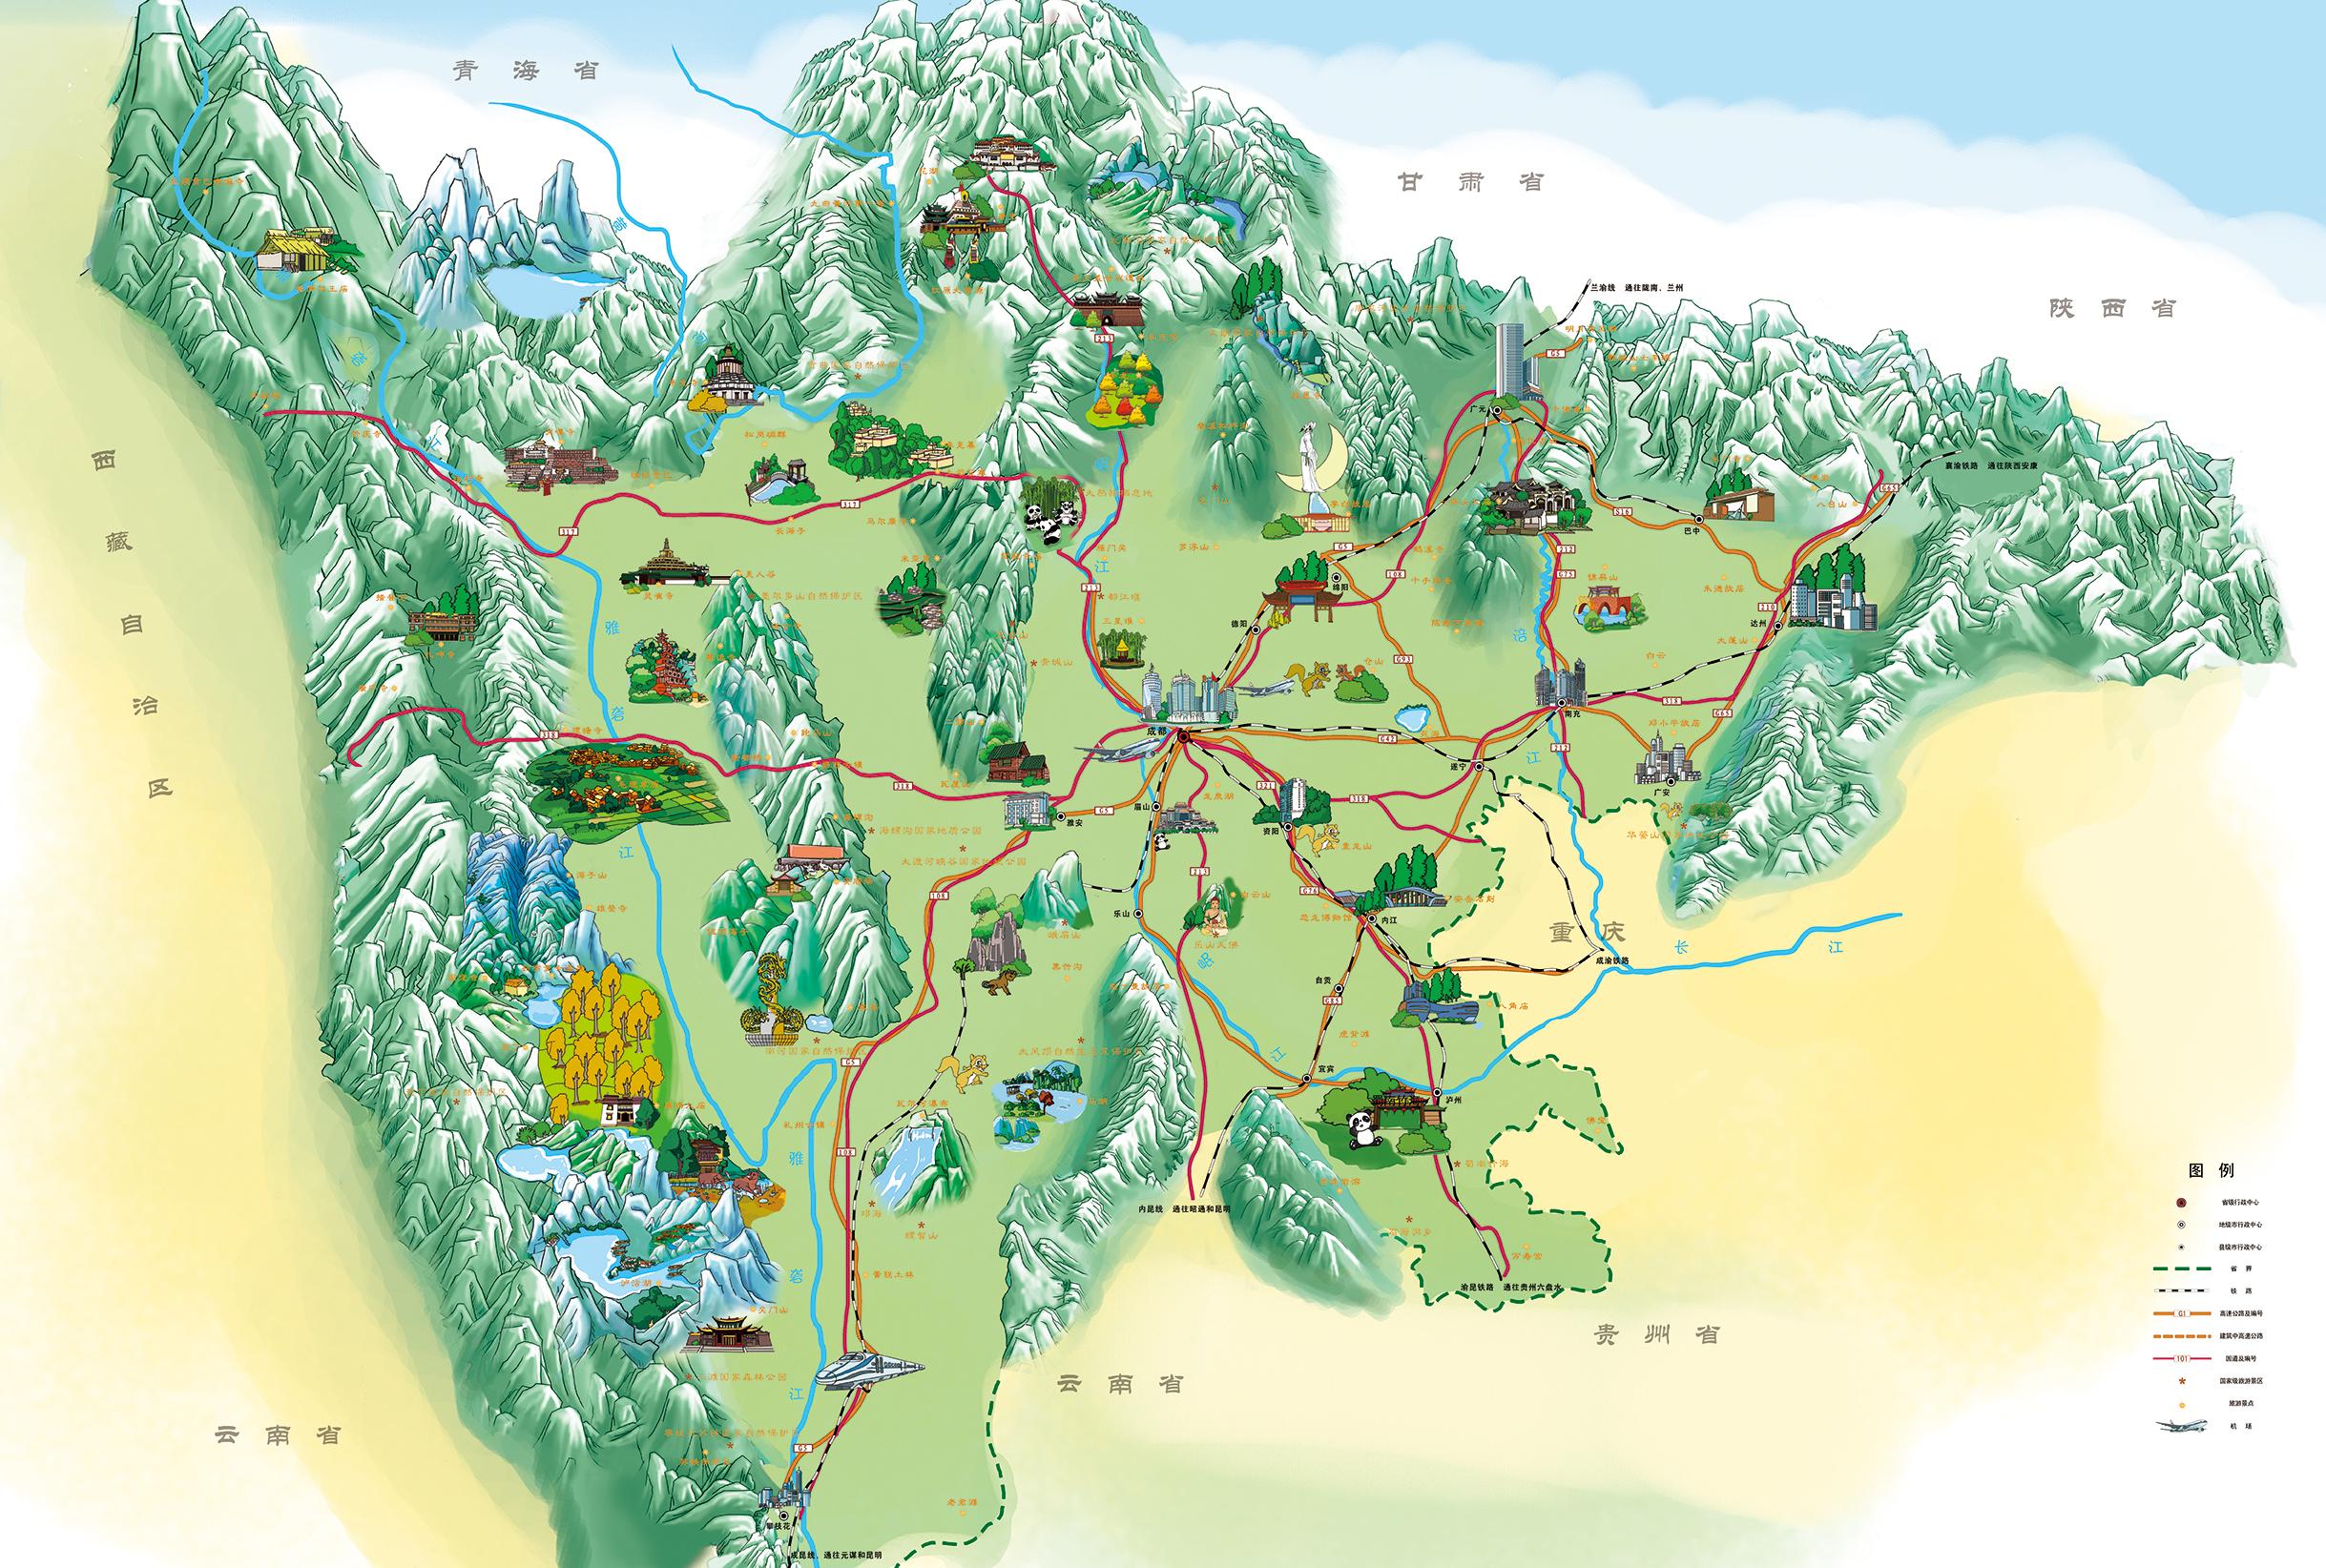 手绘地图|插画|商业插画|泡芙s - 原创作品 - 站酷